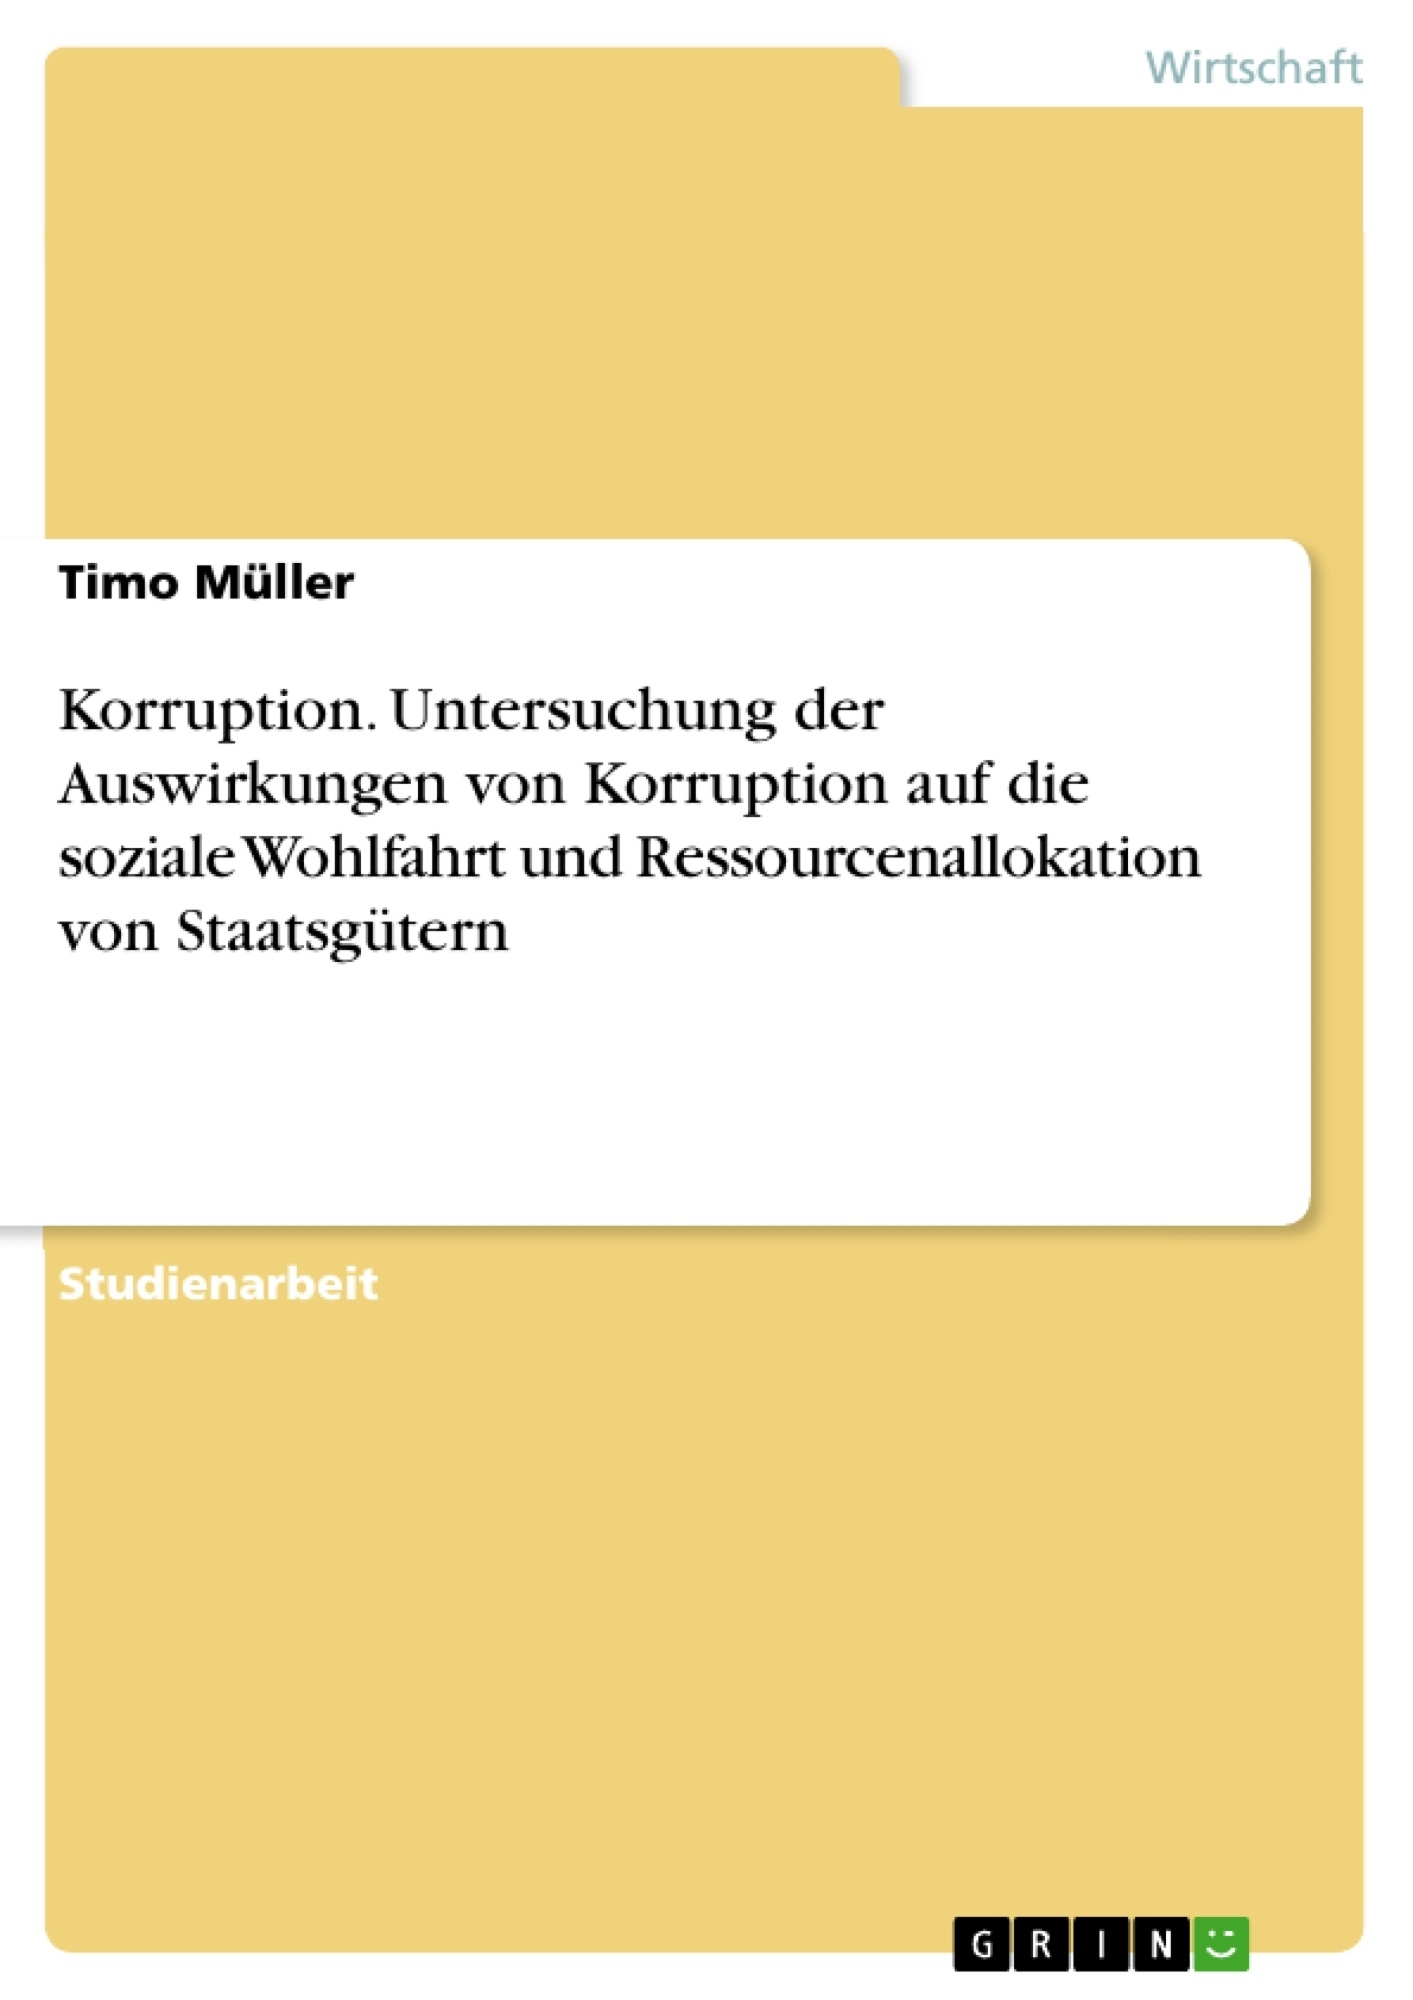 Titel: Korruption. Untersuchung der Auswirkungen von Korruption auf die soziale Wohlfahrt und Ressourcenallokation von Staatsgütern